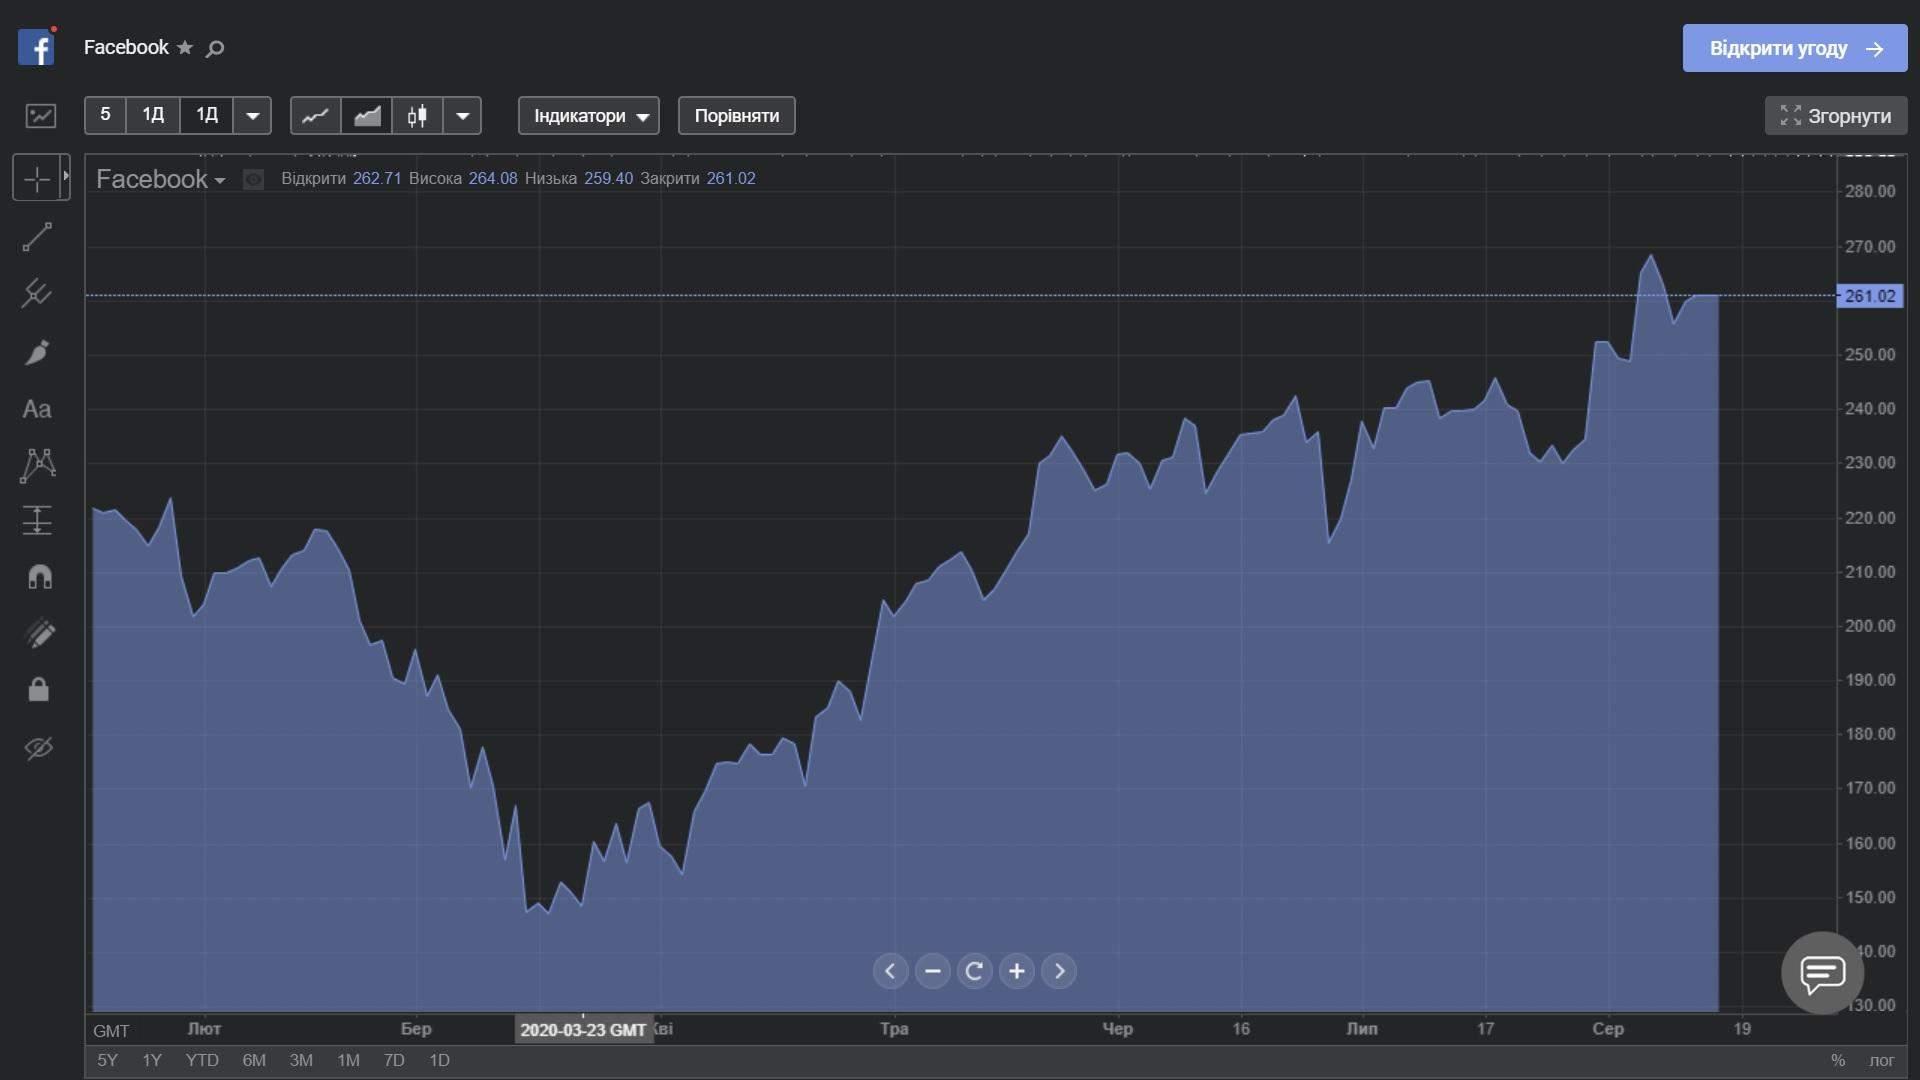 Як змінювалася ціна акцій Facebook з початку року